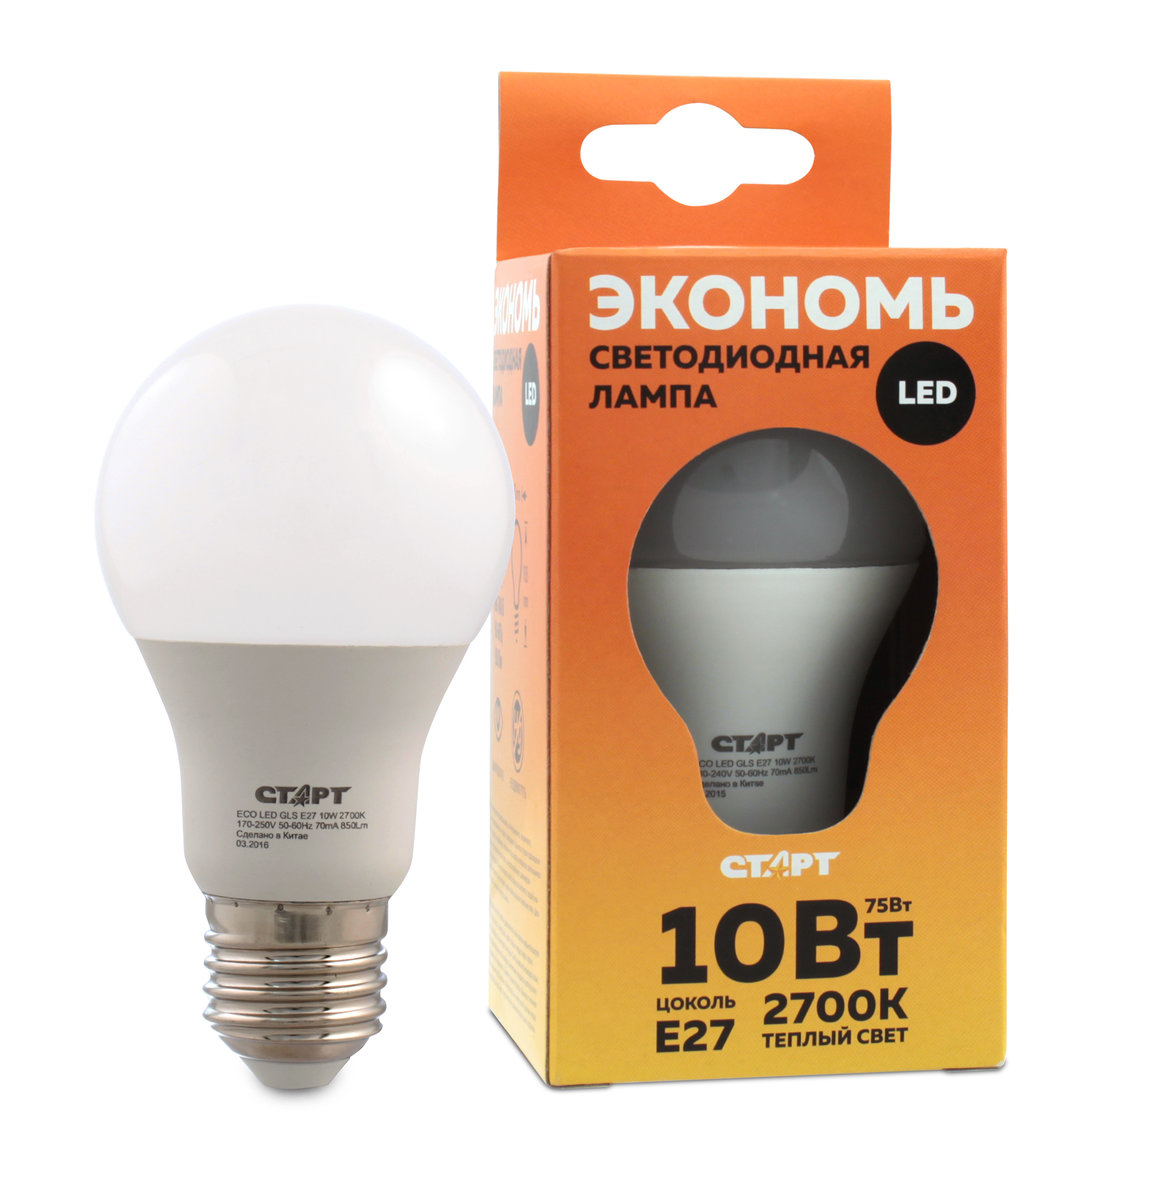 Лампа светодиодная СТАРТ, теплый свет, цоколь E27, 10W10662Светодиодная лампа СТАРТ – это самый энергоэффективный источник света, при этом имеющий рекордный срок службы. Светодиодные лампы – изделия прочные, не боятся падения с высоты человеческого роста, встрясок и вибраций. Лампа не имеет вредных материалов в своем составе, а также в процессе эксплуатации светодиодная лампа не излучает ИК- и УФ-лучи.Мощность, Вт: 10.Световой поток, Лм: 800.Напряжение: 220-240 V.Цоколь: E27.Угол светового пучка: 240°.Цветовая температура, К: 2700.Срок службы, часов: 15000.